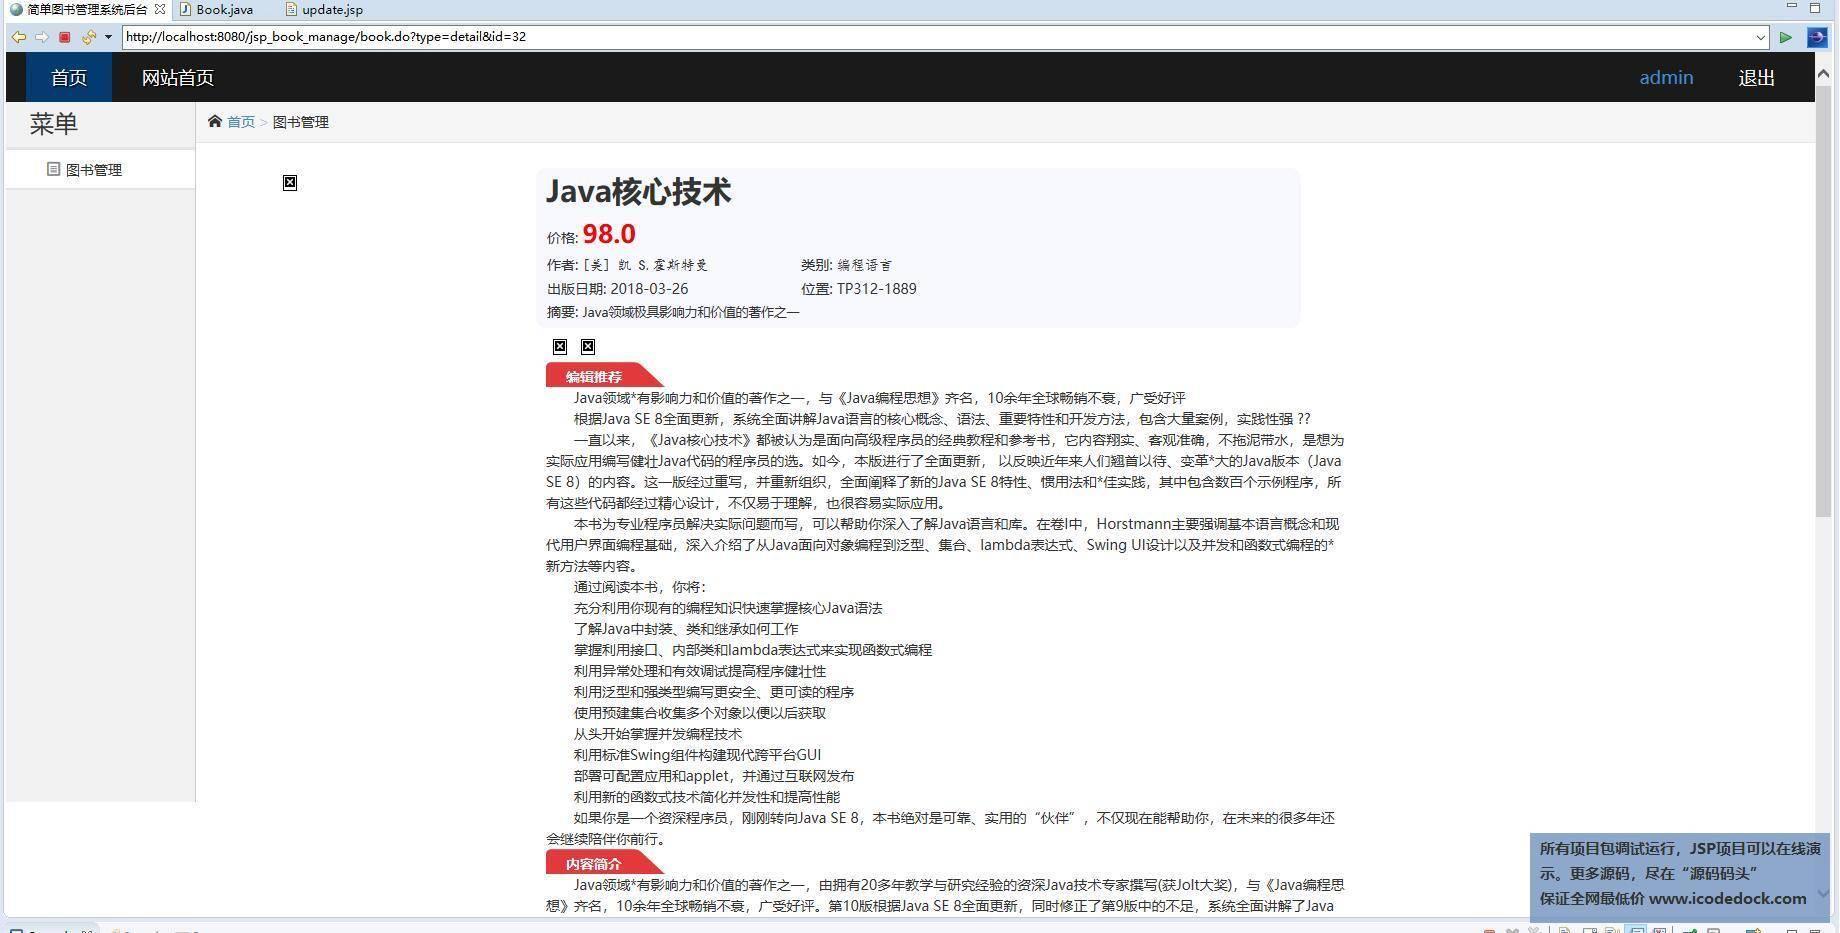 源码码头-JSP简单图书馆图书管理系统-管理员角色-查看图书